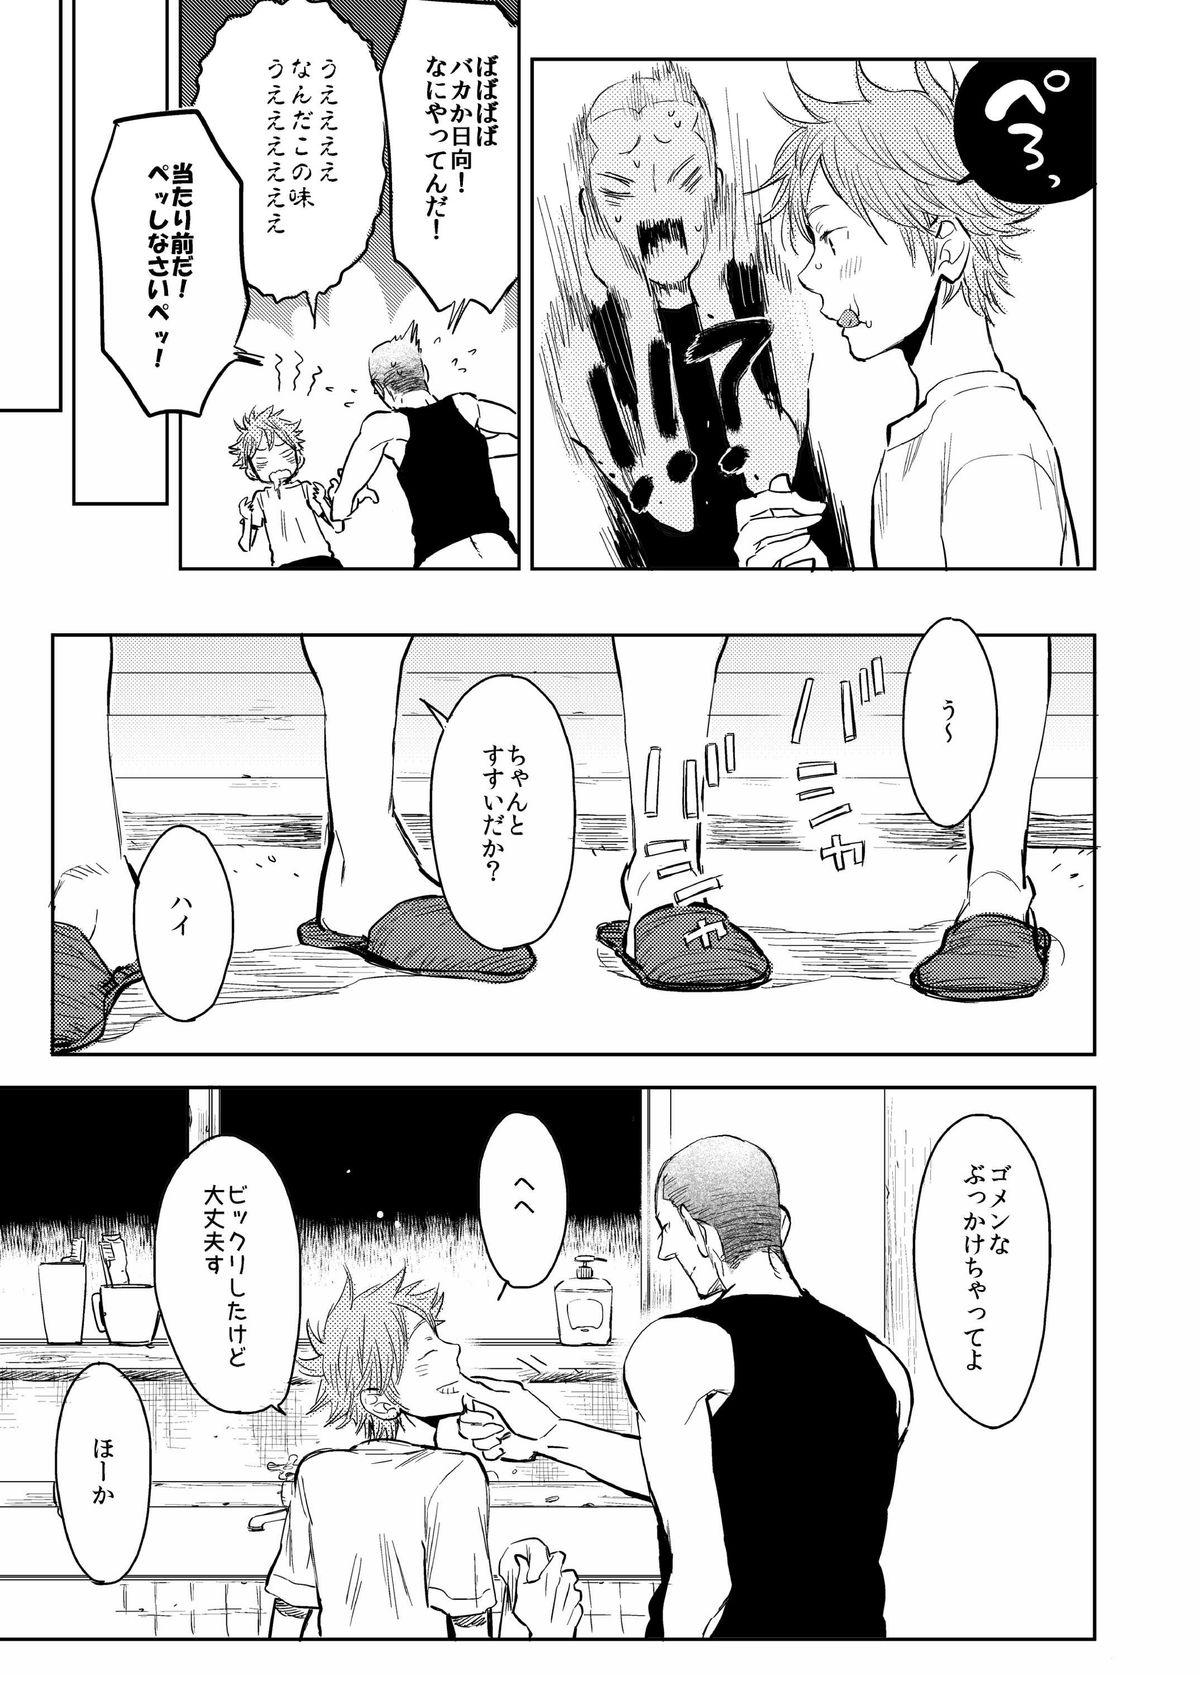 Saisho no, Naisho no. + Natsunokedamono 15